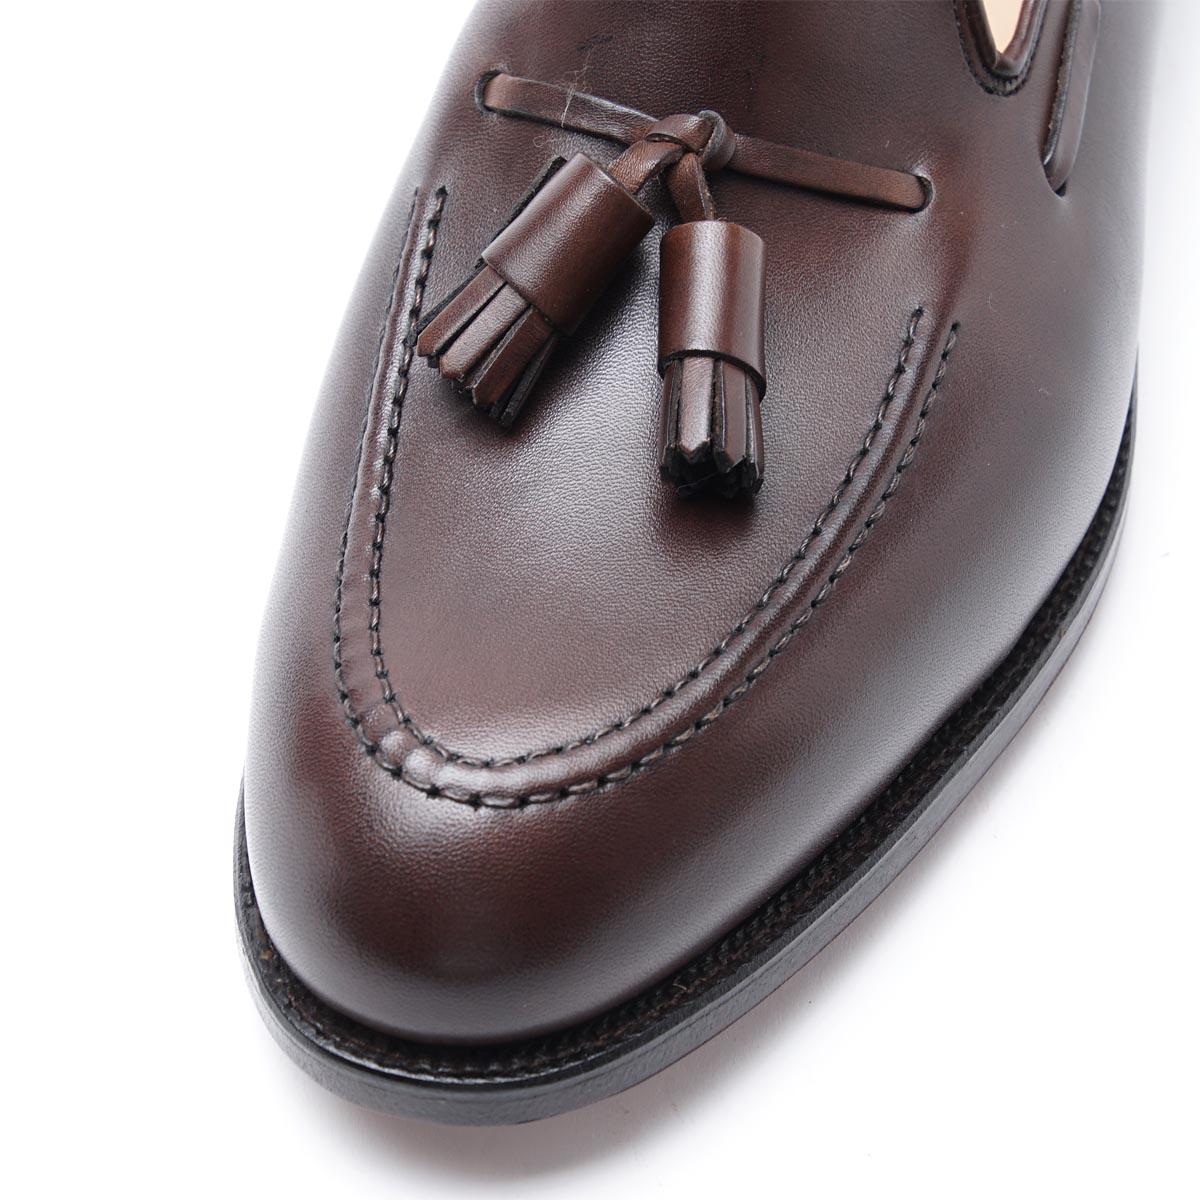 cavendish burnishedcalf darkbrown men in the Crockett & Jones CROCKETT&JONES tassel loafer CAVENDISH Cavendish E last in 325 of DARKBROWN Brown line